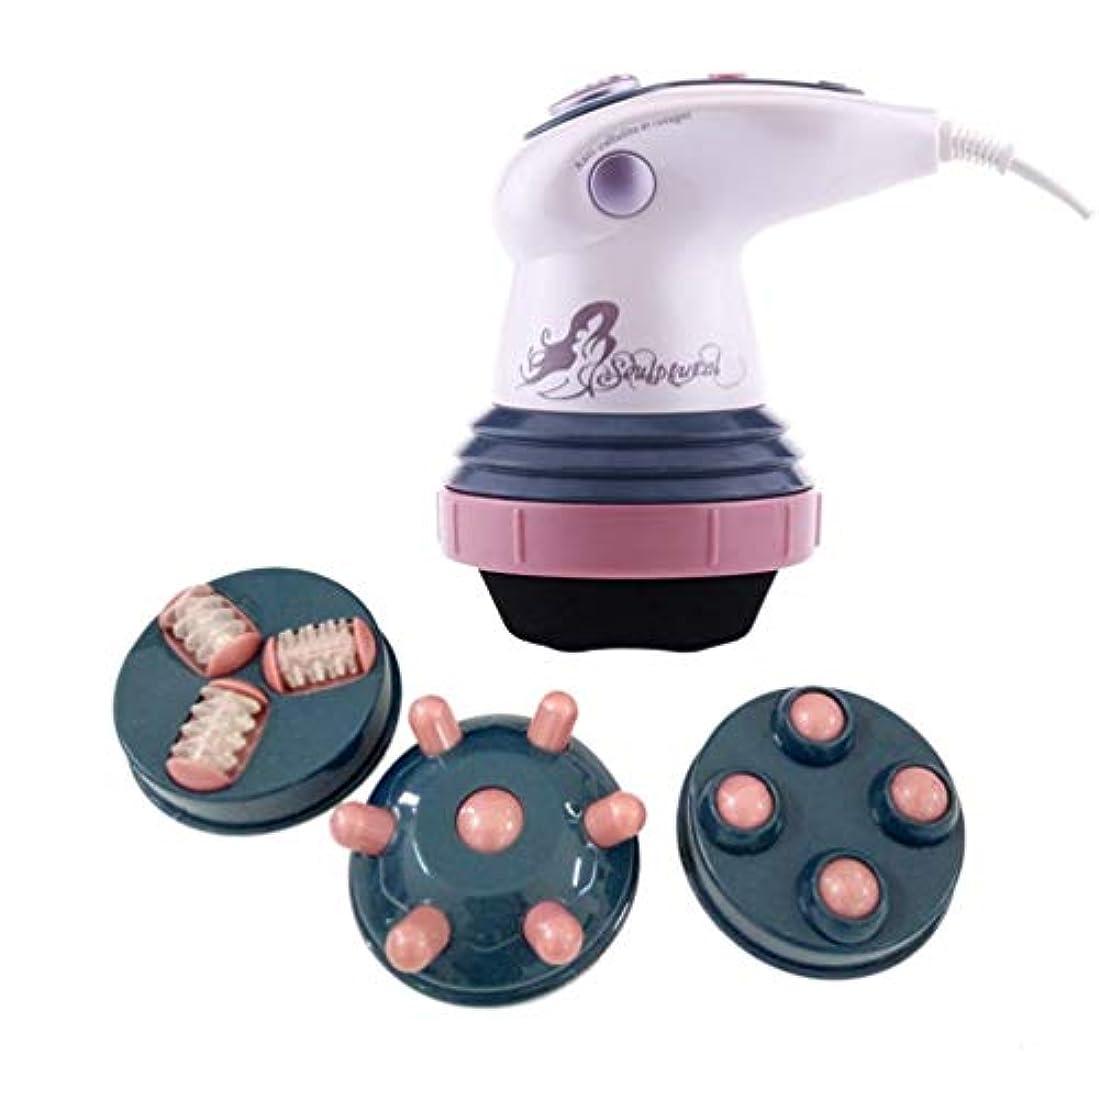 アジア人物足りないいくつかの低雑音の赤外線電気脂肪燃焼はボディスリミングマッサージャー抗セルライトボディマッサージ機を削除します - ピンク